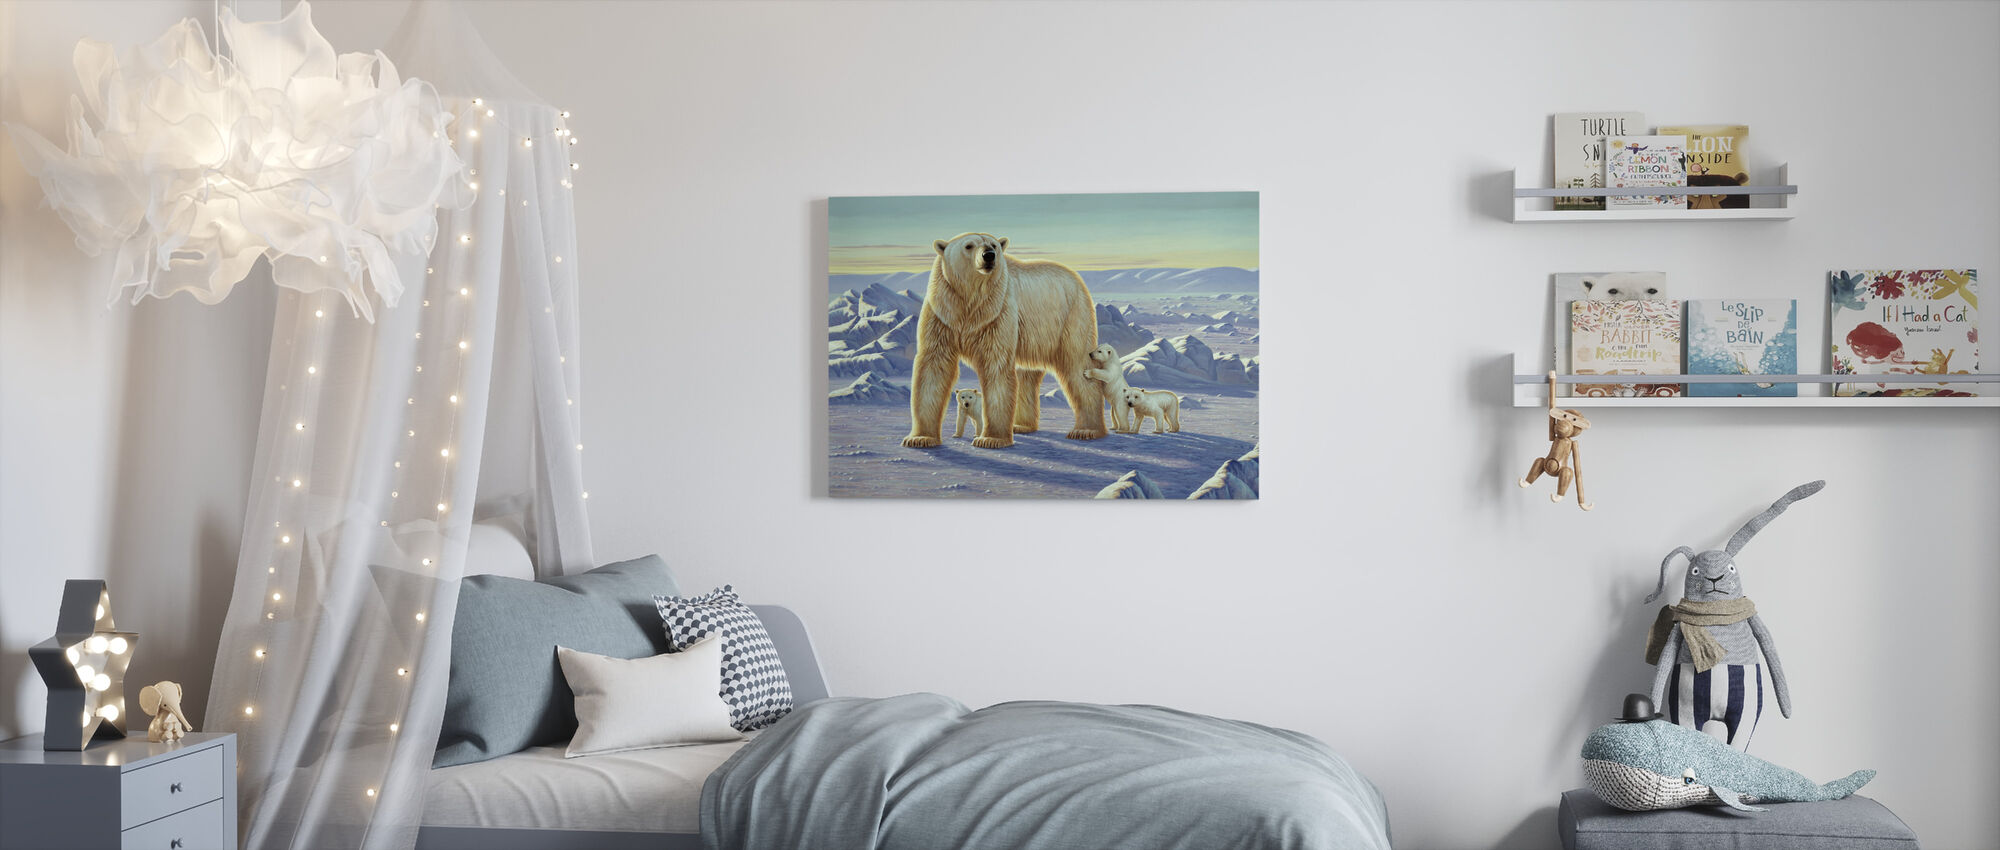 Polar Bear with Cubs - Canvas print - Kids Room